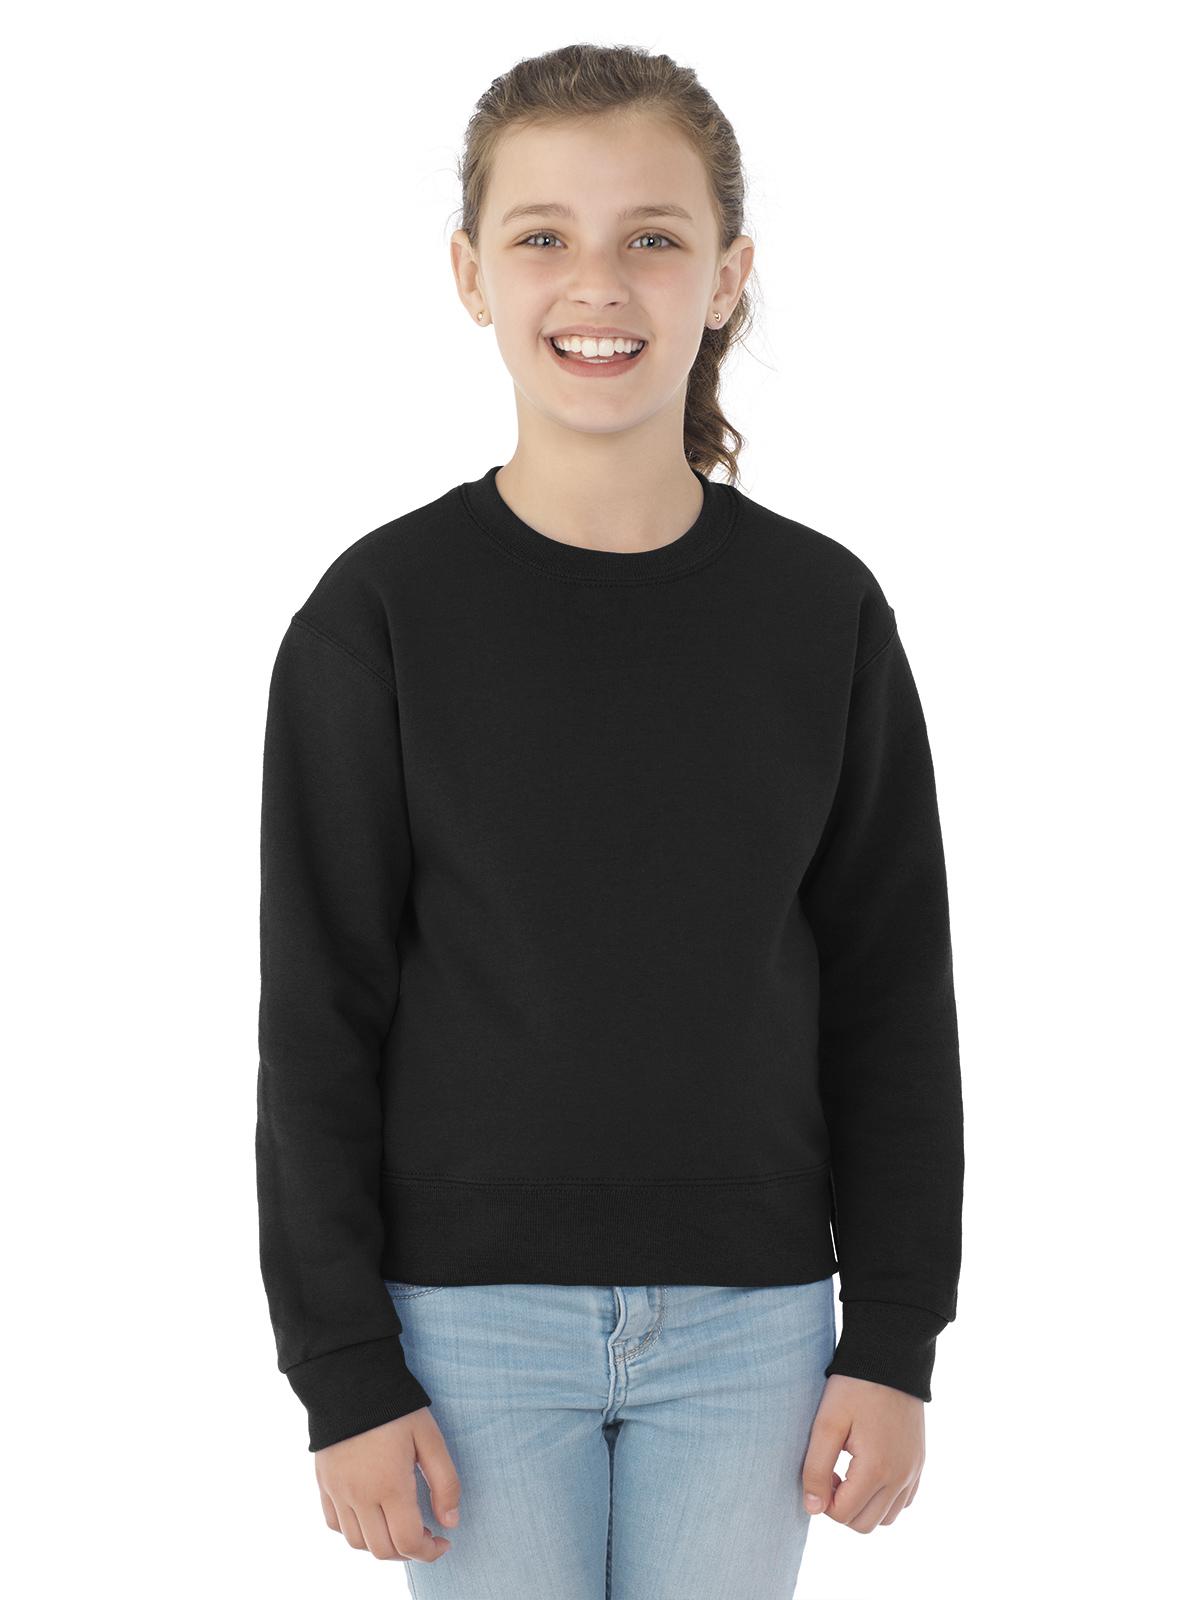 1b0e4cb4ebd4c1 562BR NuBlend® Youth Crewneck Sweatshirt   Hotline Apparel